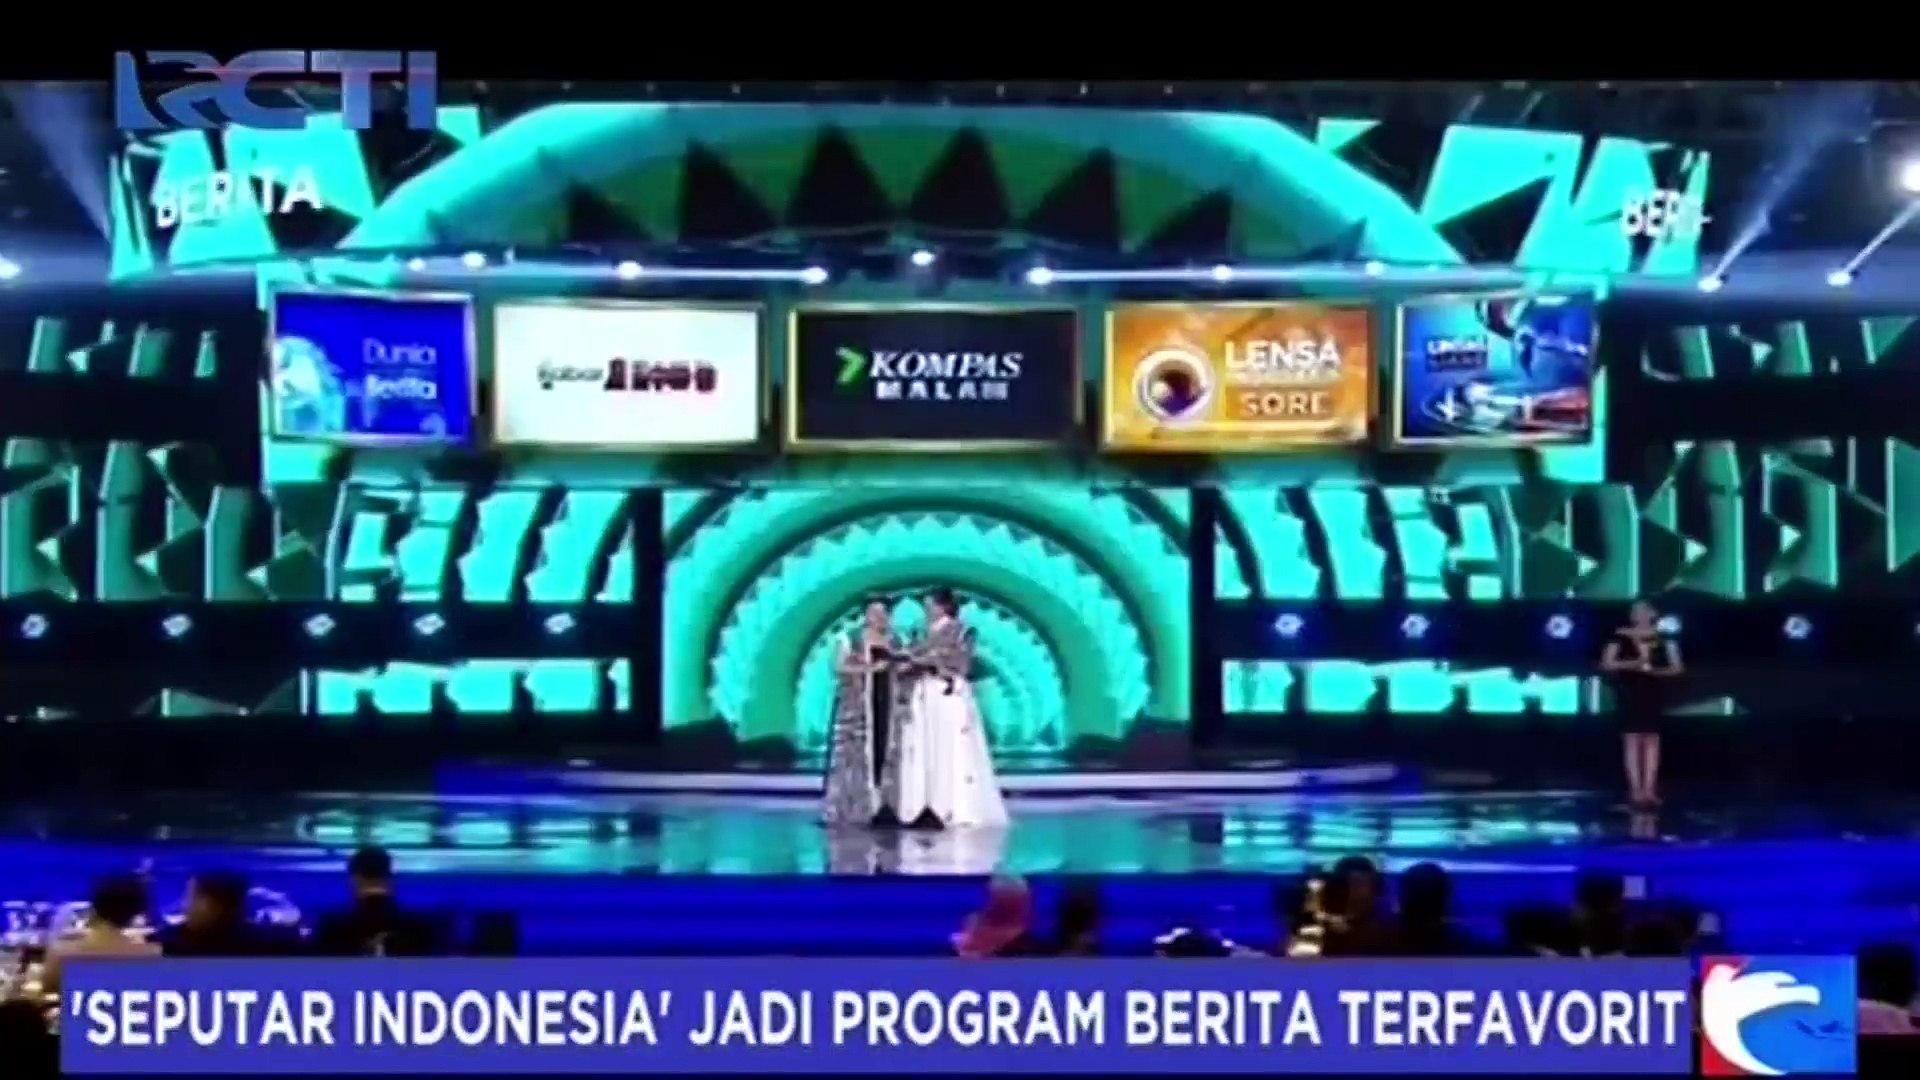 Seputar Indonesia Kembali Sabet Gelar Program Berita Terfavorit Di Ajang Panasonic Gobel Awards 2017 Video Dailymotion